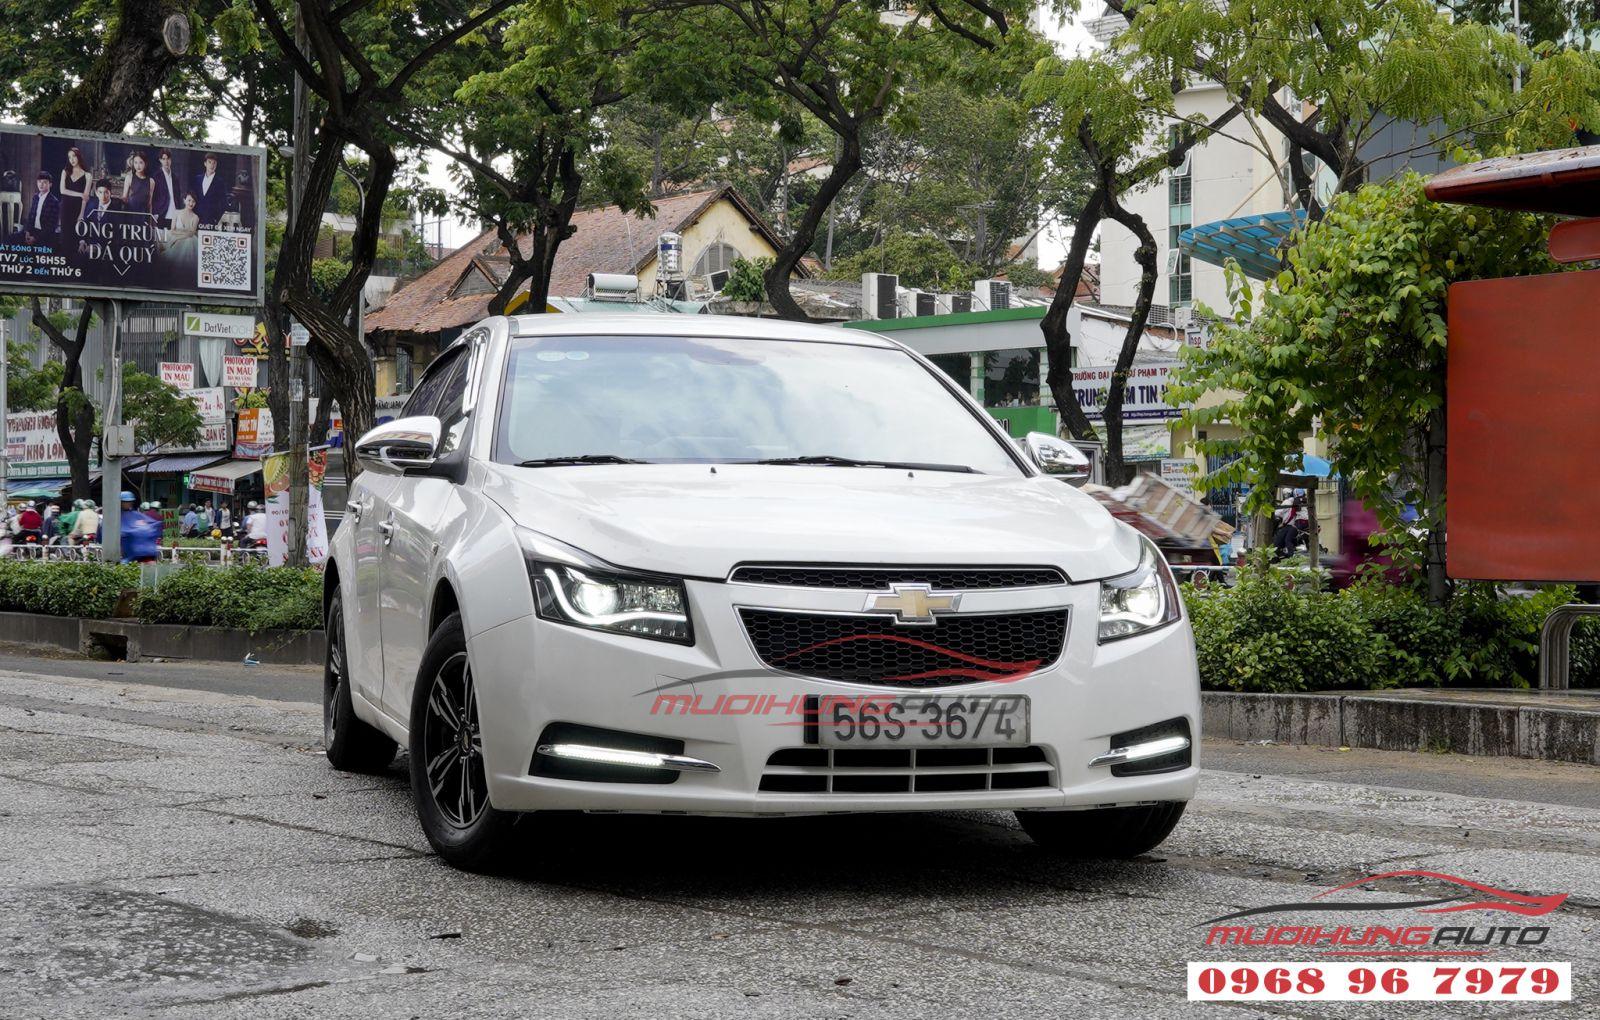 Thay đèn pha nguyên khối và led cản Chevrolet Cruze 2017 tại tphcm